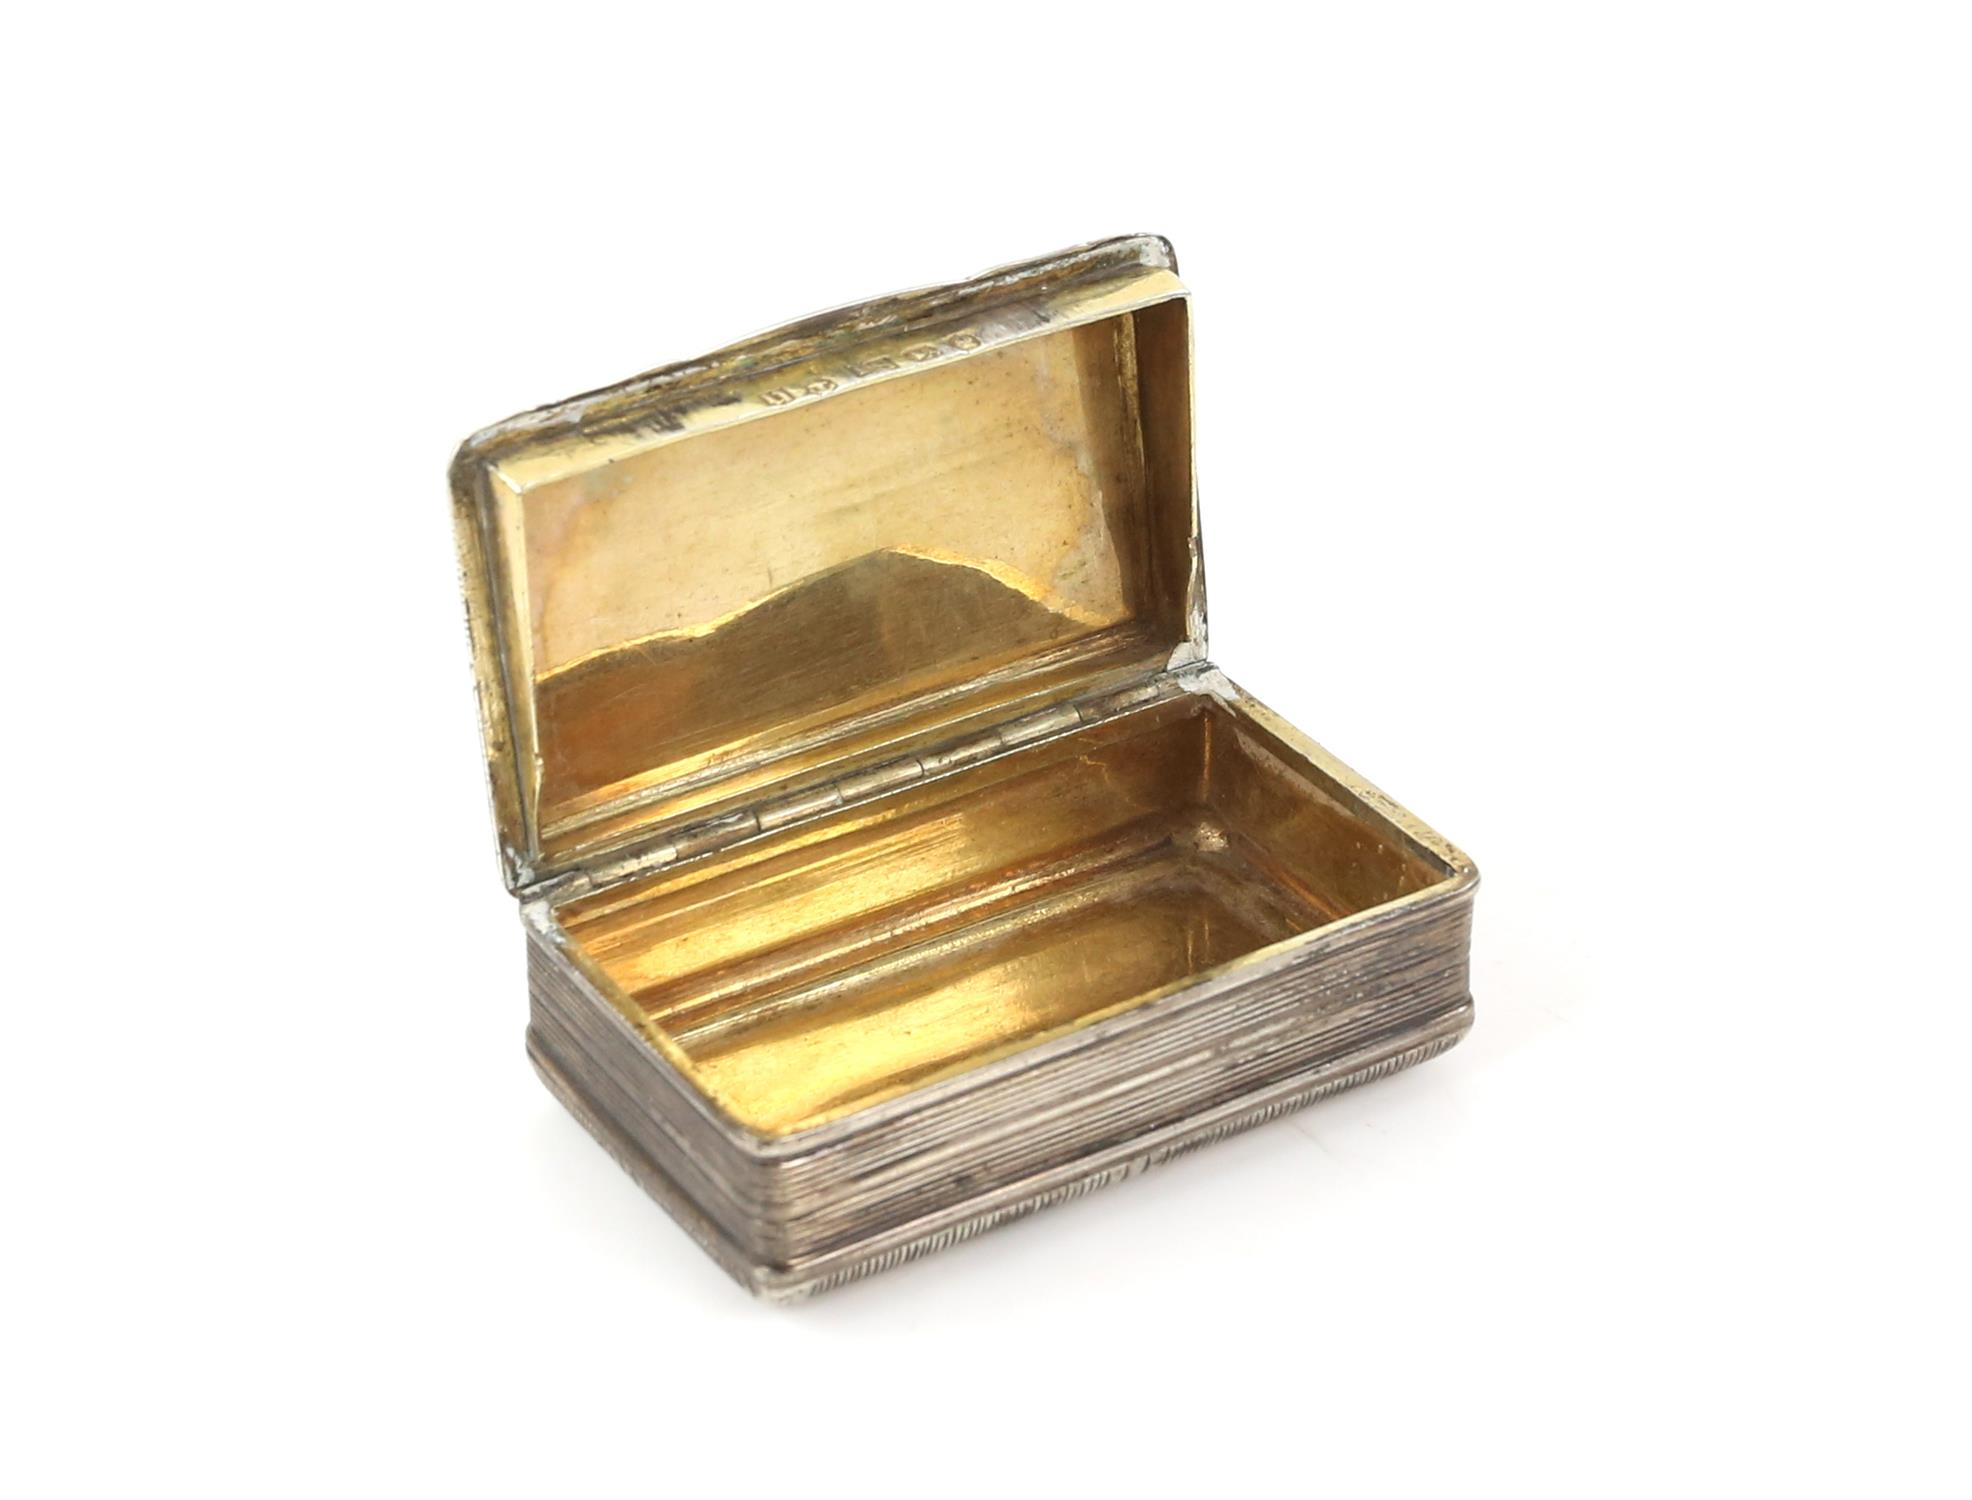 George III silver snuff box by John Shaw, Birmingham 1818, 6.5cm x 4cm x 2cm 2oz 66gm - Image 3 of 5